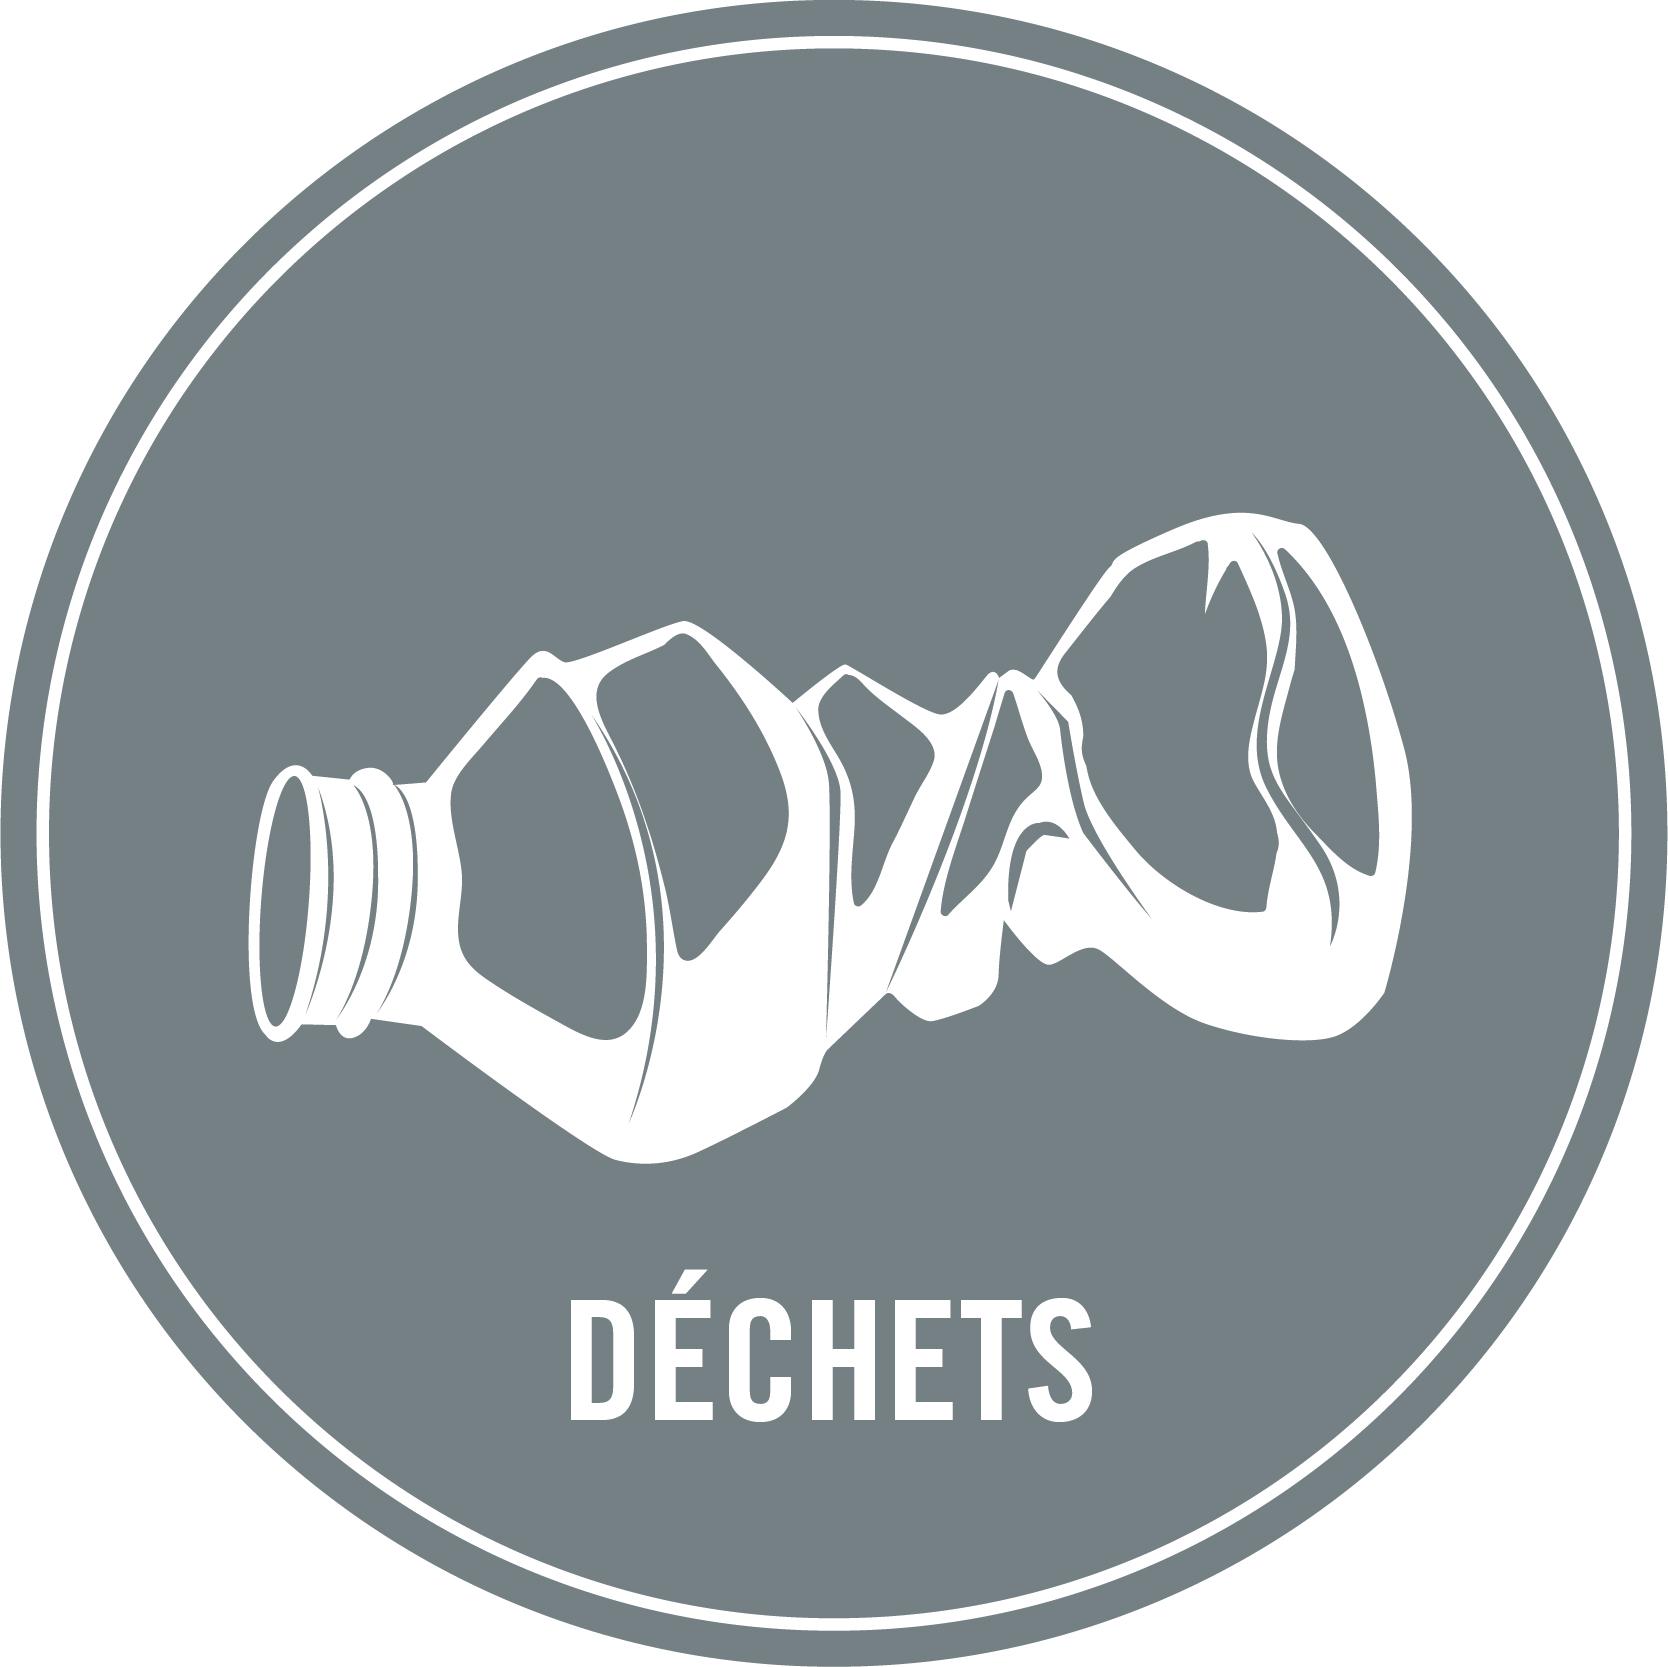 dechets